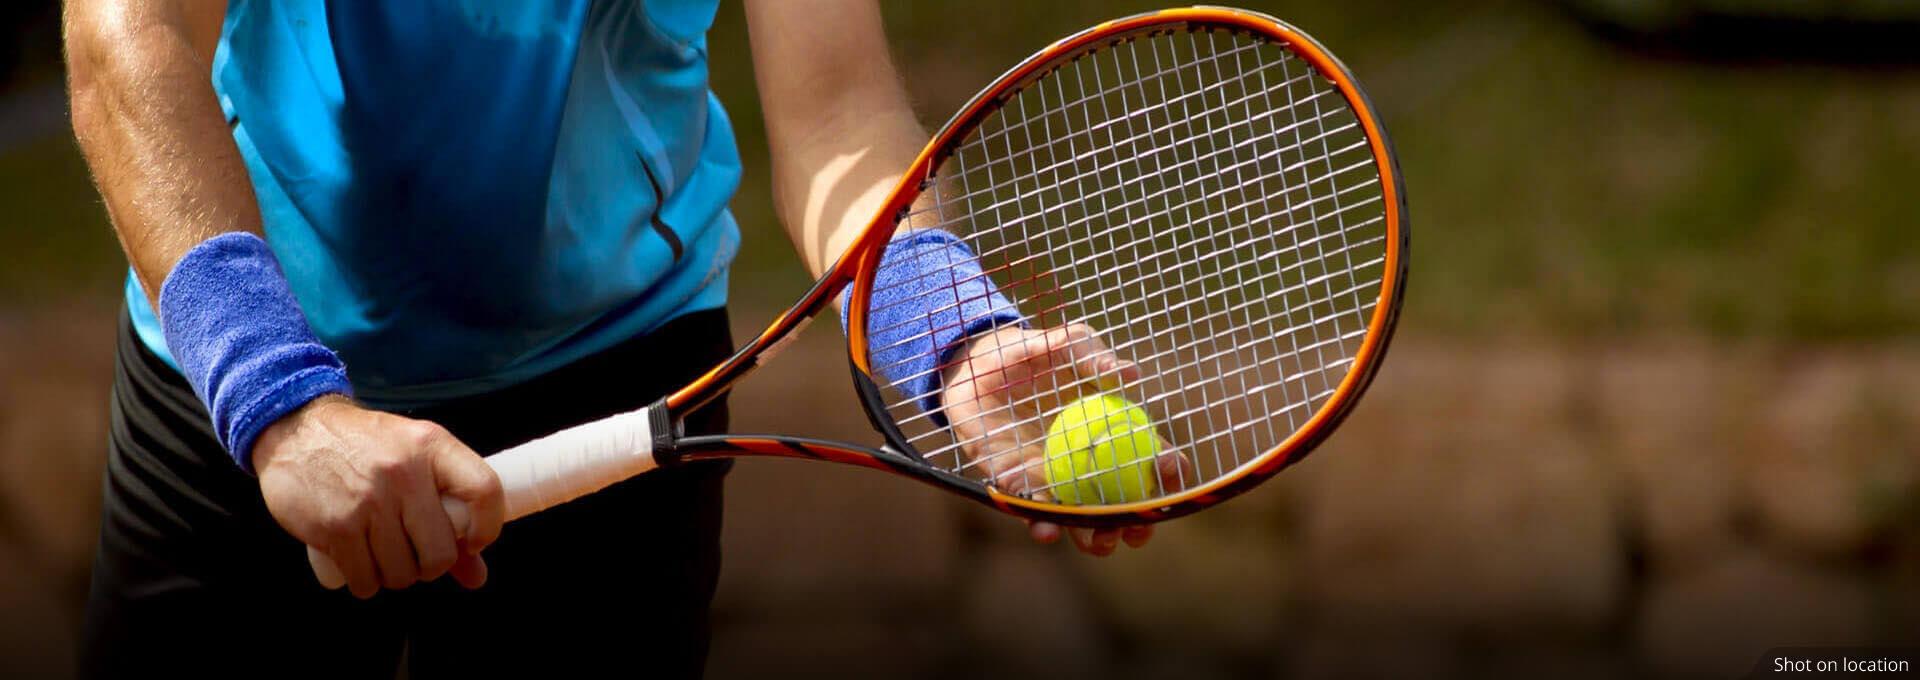 torino bannerghatta lawn tennis